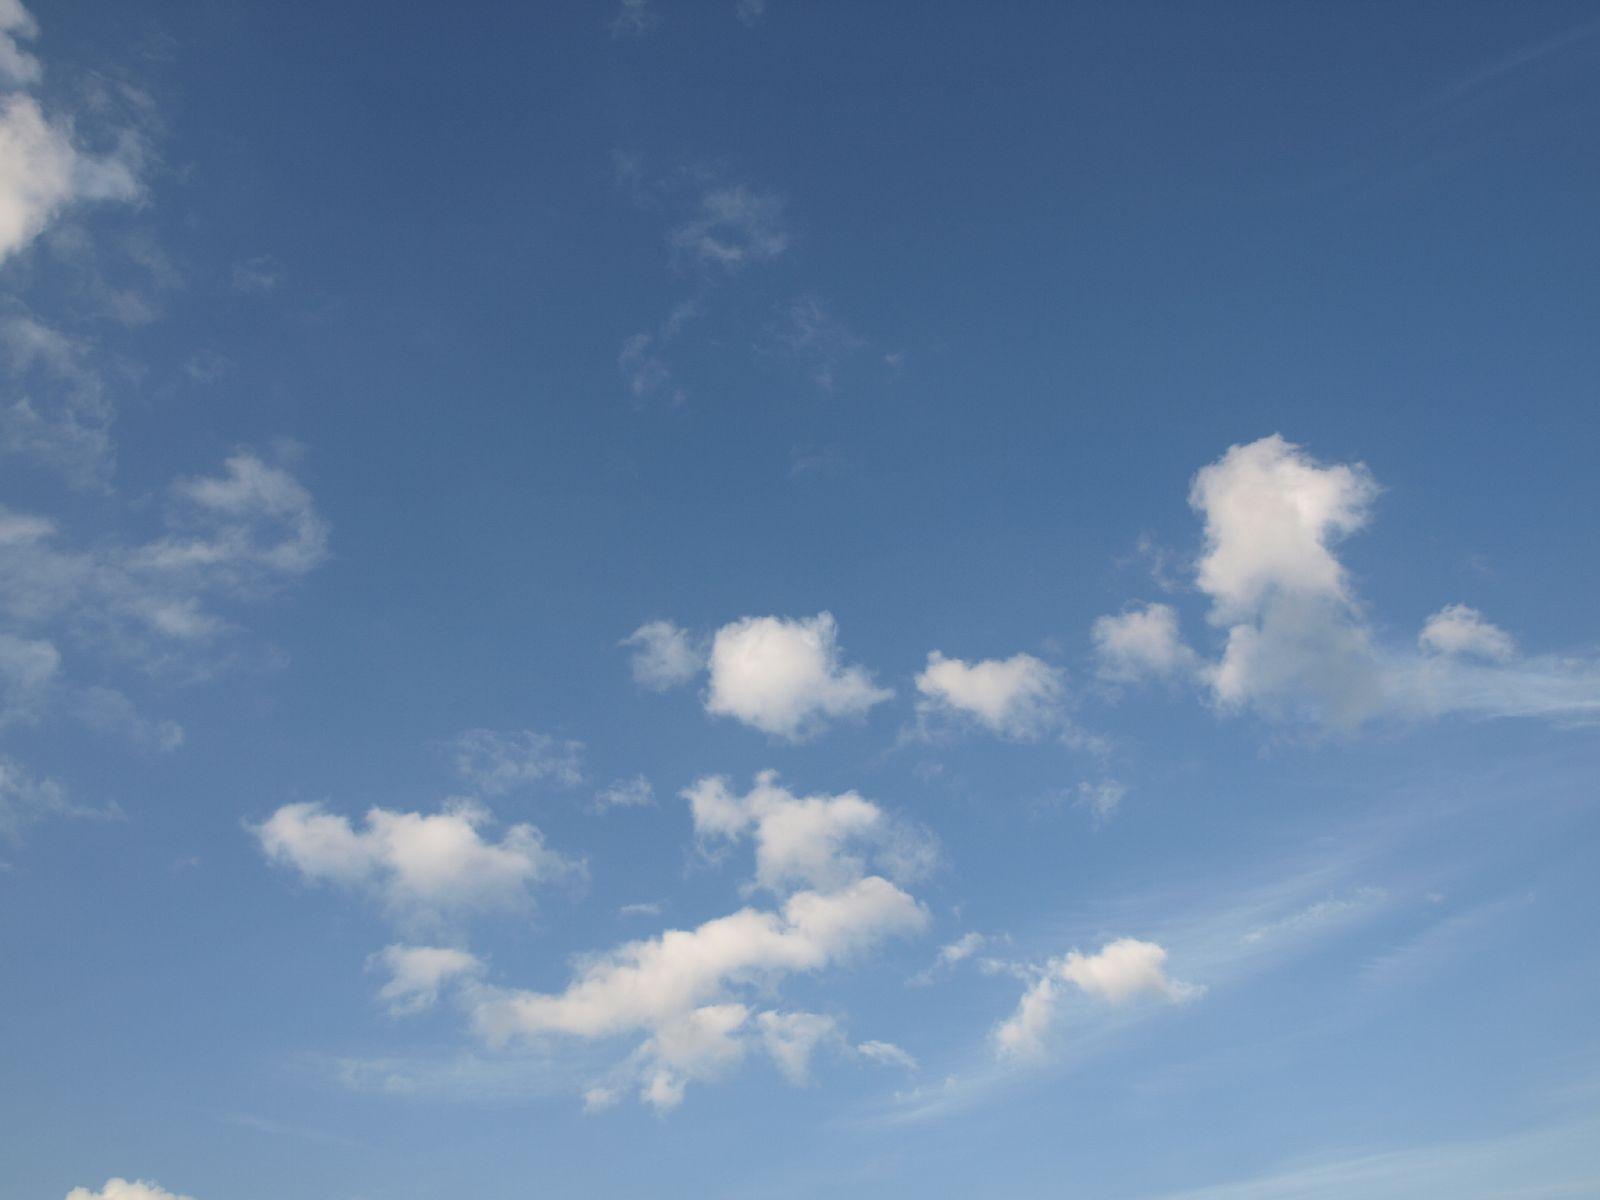 Himmel-Wolken-Foto_Textur_A_P4120953